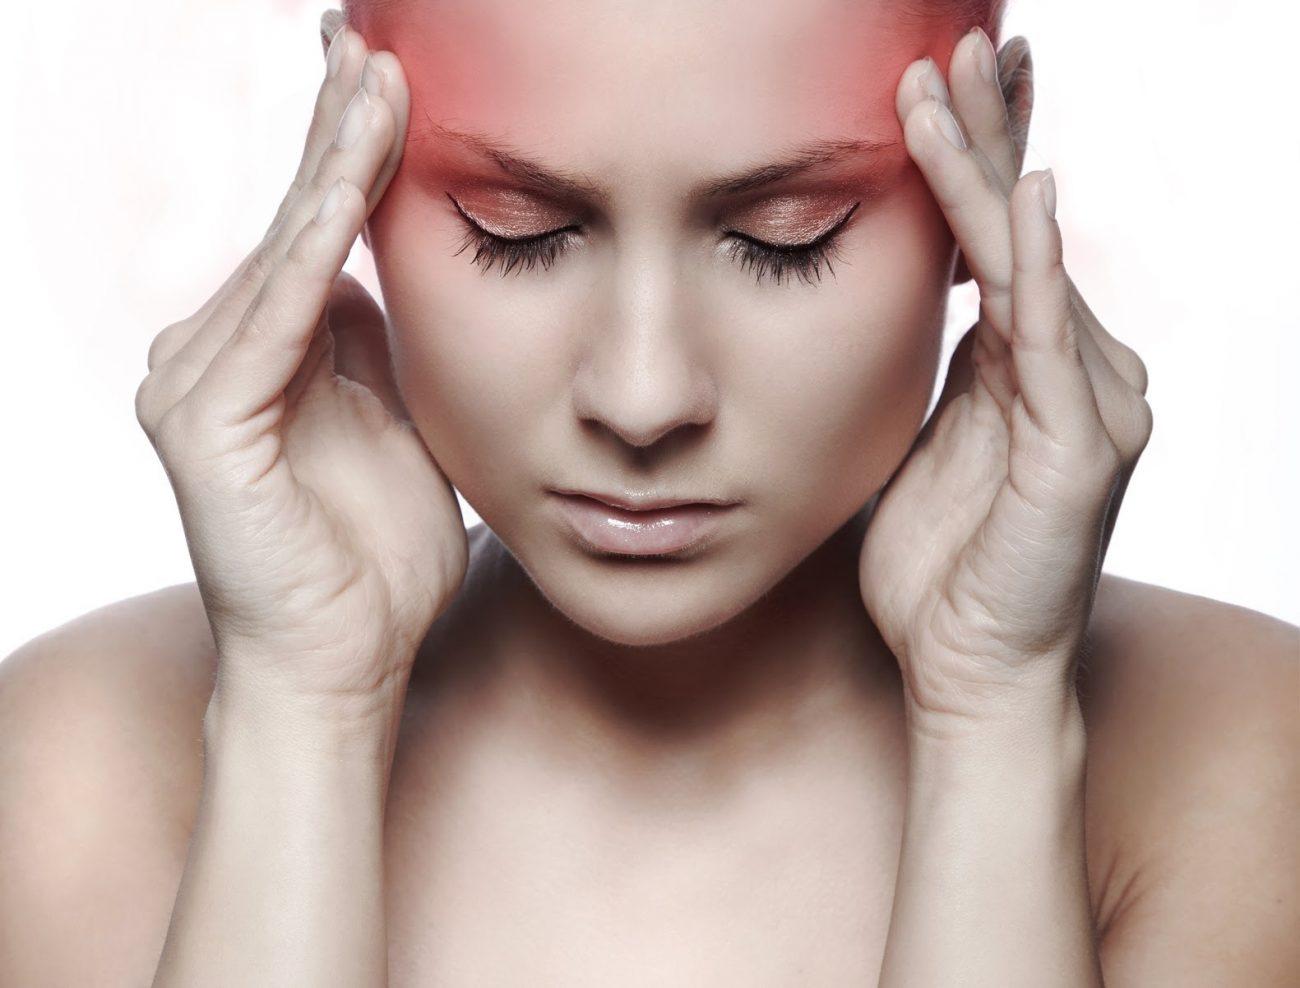 Dolor de cabeza sobre las cejas